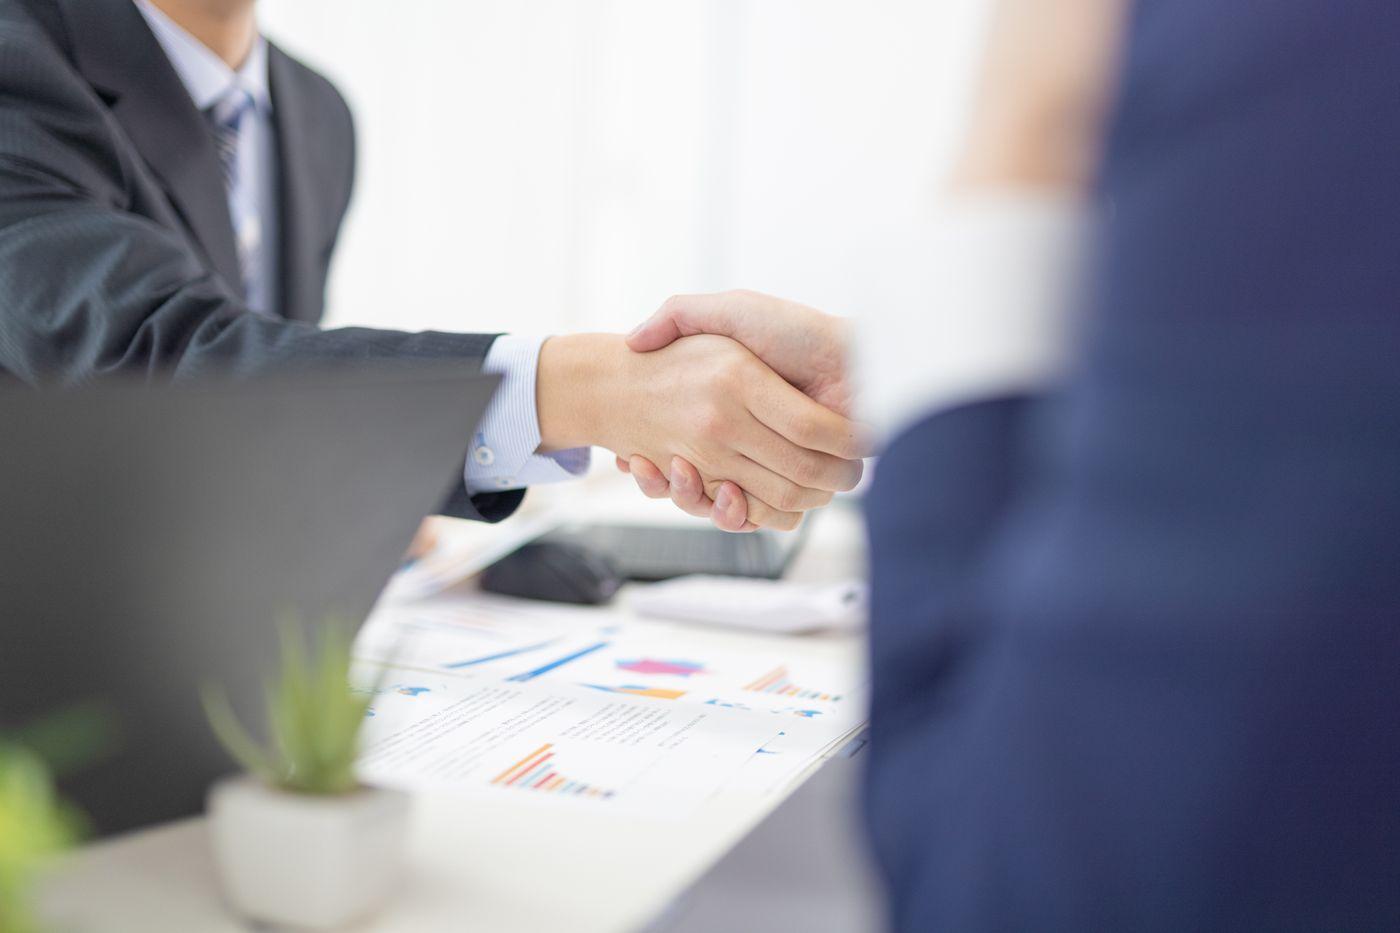 ビジネスシーンでの握手の写真